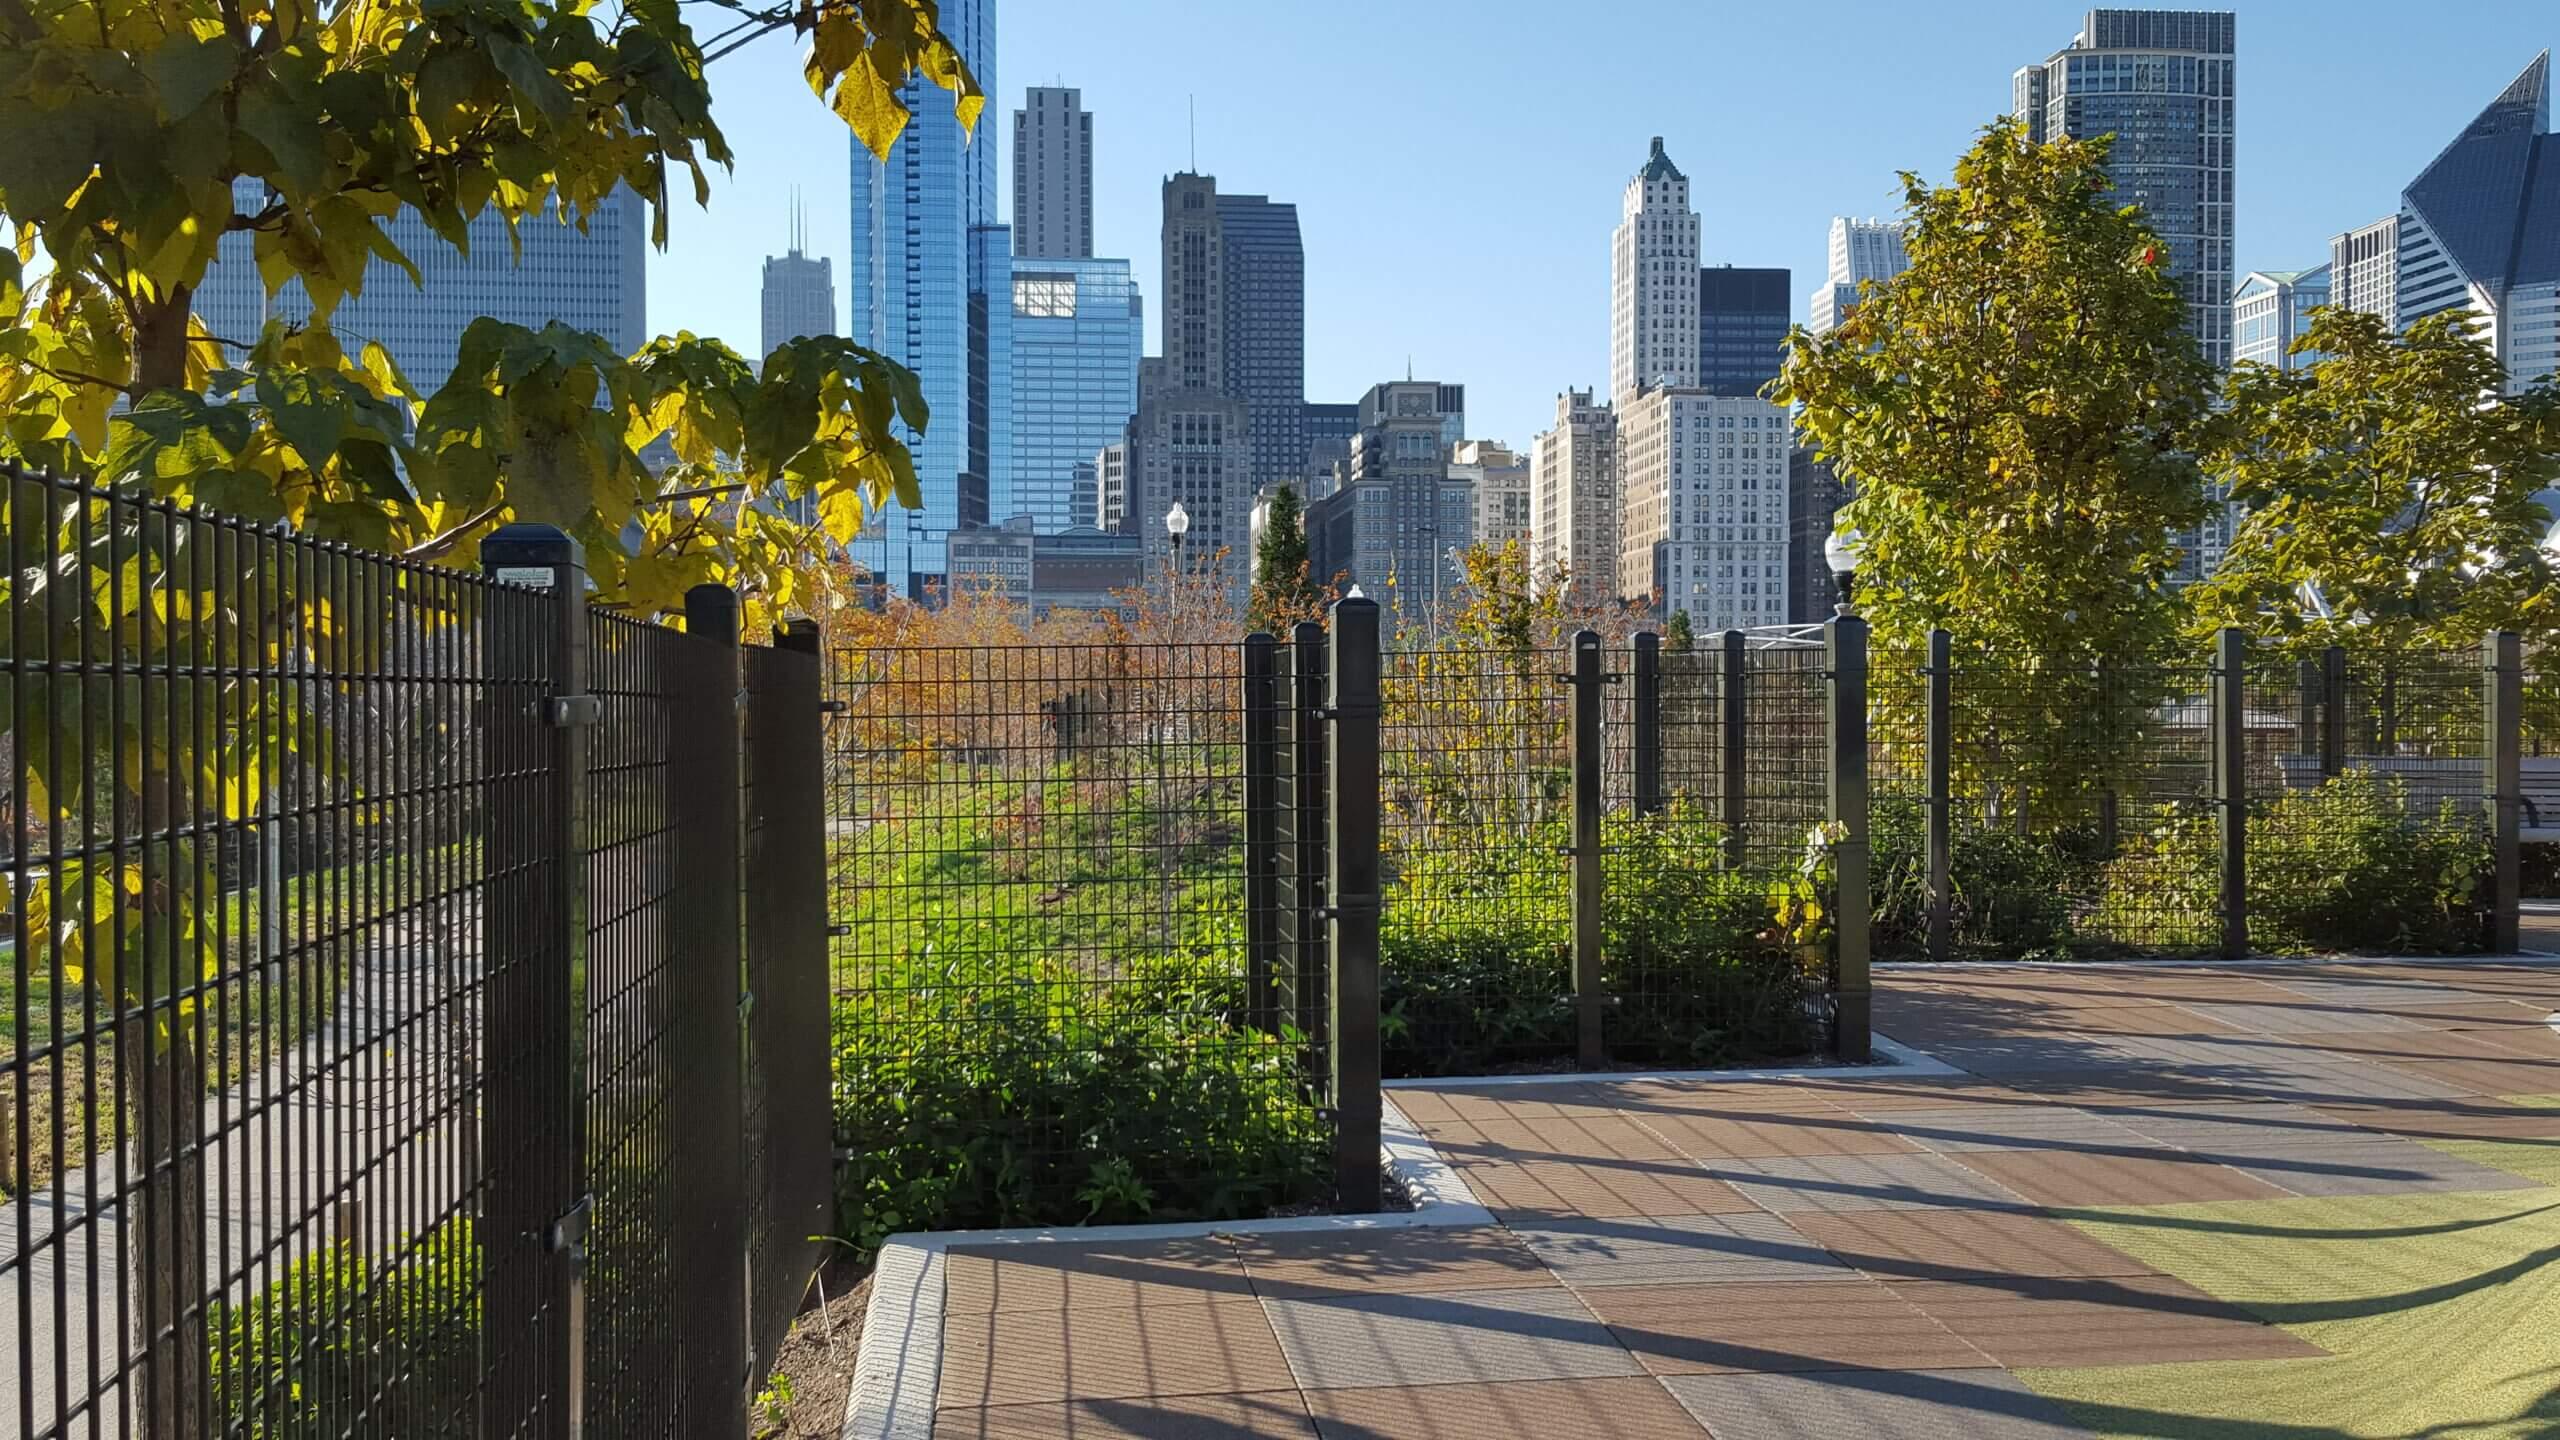 Maggie Daley Park, Chicago, IL